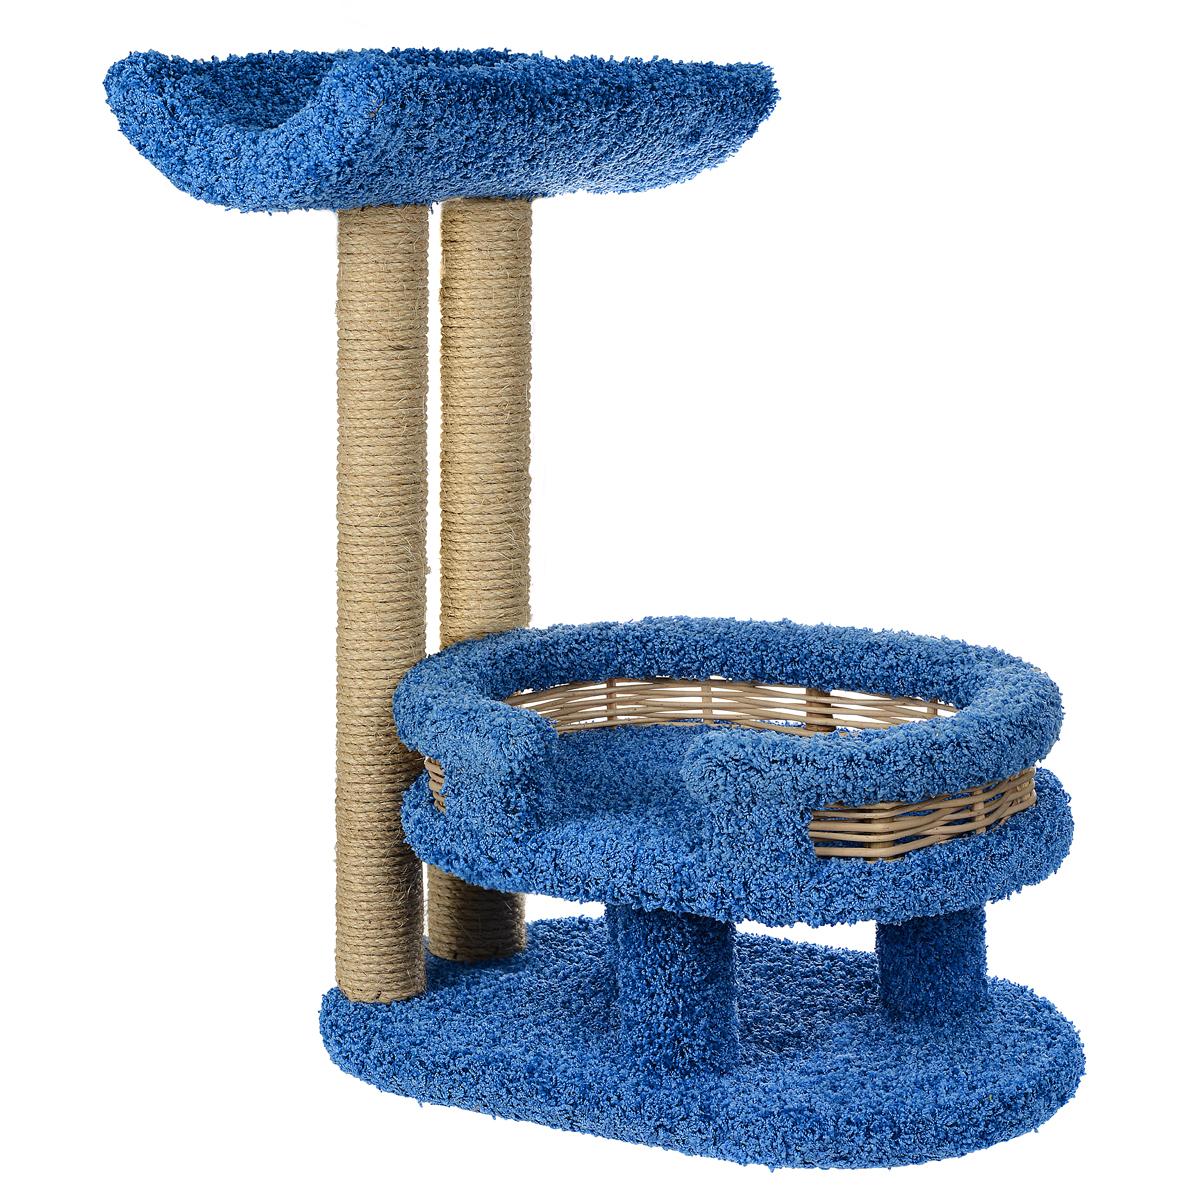 Когтеточка Лежанка с седлом, цвет: синий, 45 см х 60 см х 80 смП300447Когтеточка Лежанка с седлом отлично подойдет для котят и взрослых кошек средних размеров. Когтеточка станет не только идеальным местом для подвижных игр вашего любимца, но и местом для отдыха. Благодаря столбикам - когтеточкам, обернутым веревками из сизаля, ваша кошка удовлетворит природную потребность точить когти, что поможет сохранить вашу мебель и ковры. Для приучения любимца к когтеточке можно натереть ее сухой валерьянкой или кошачьей мятой. Оригинальный дизайн лежанки с плетеными бортиками позволит гармонично вписаться когтеточке в интерьер вашей квартиры.